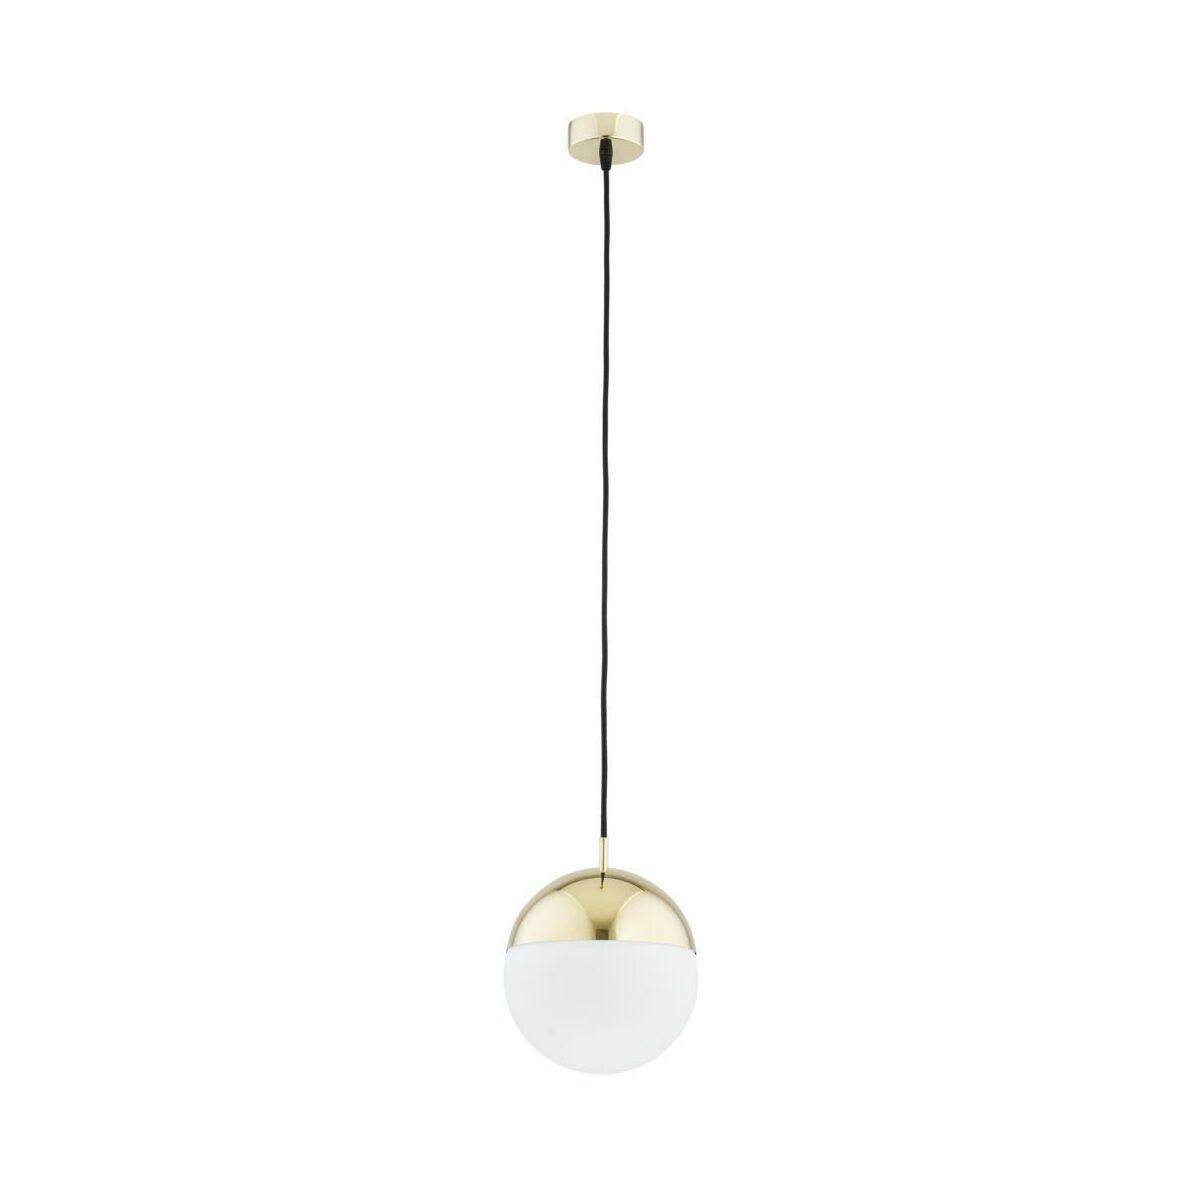 Lampa wisząca LIVIA IP22 biało złota E27 PREZENT